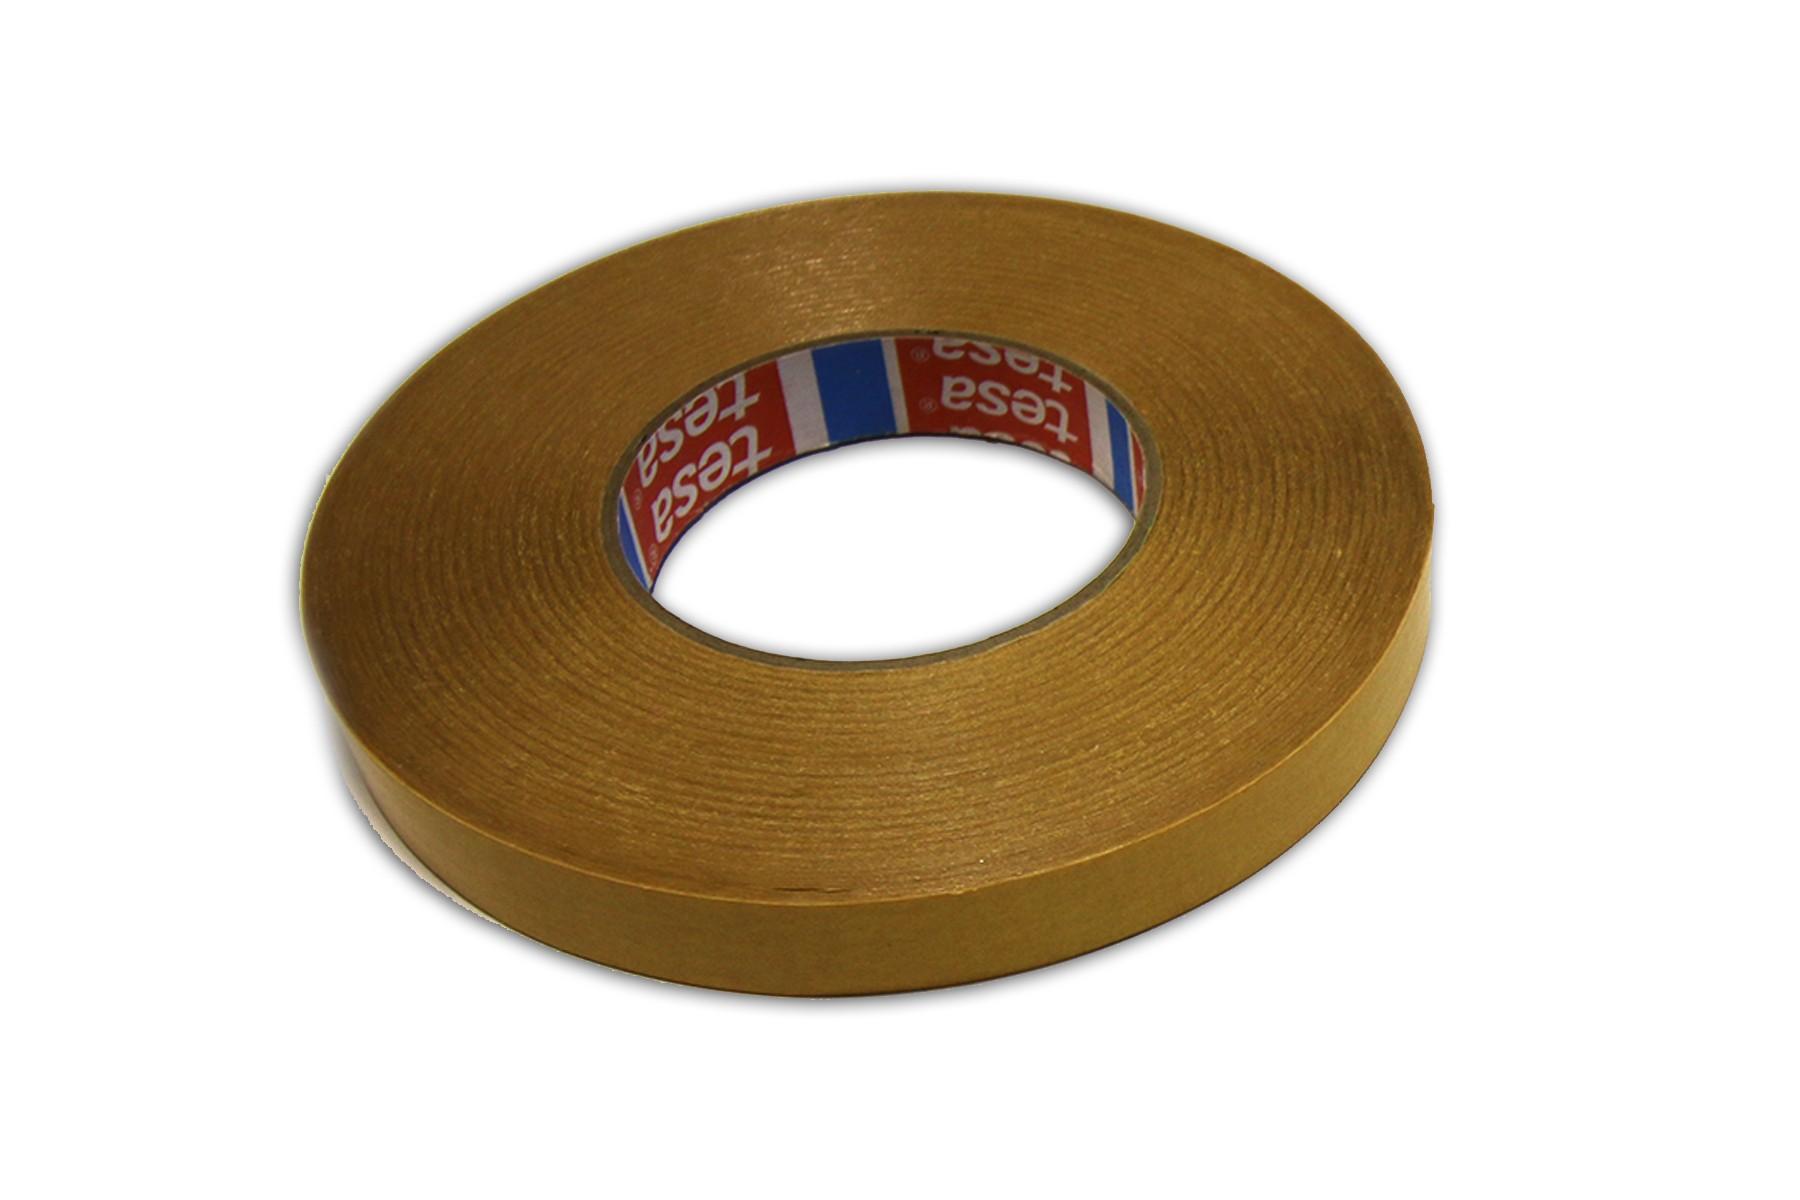 Tape, Tesa (Tuff) 12mm x 55m(1/2 in) -7